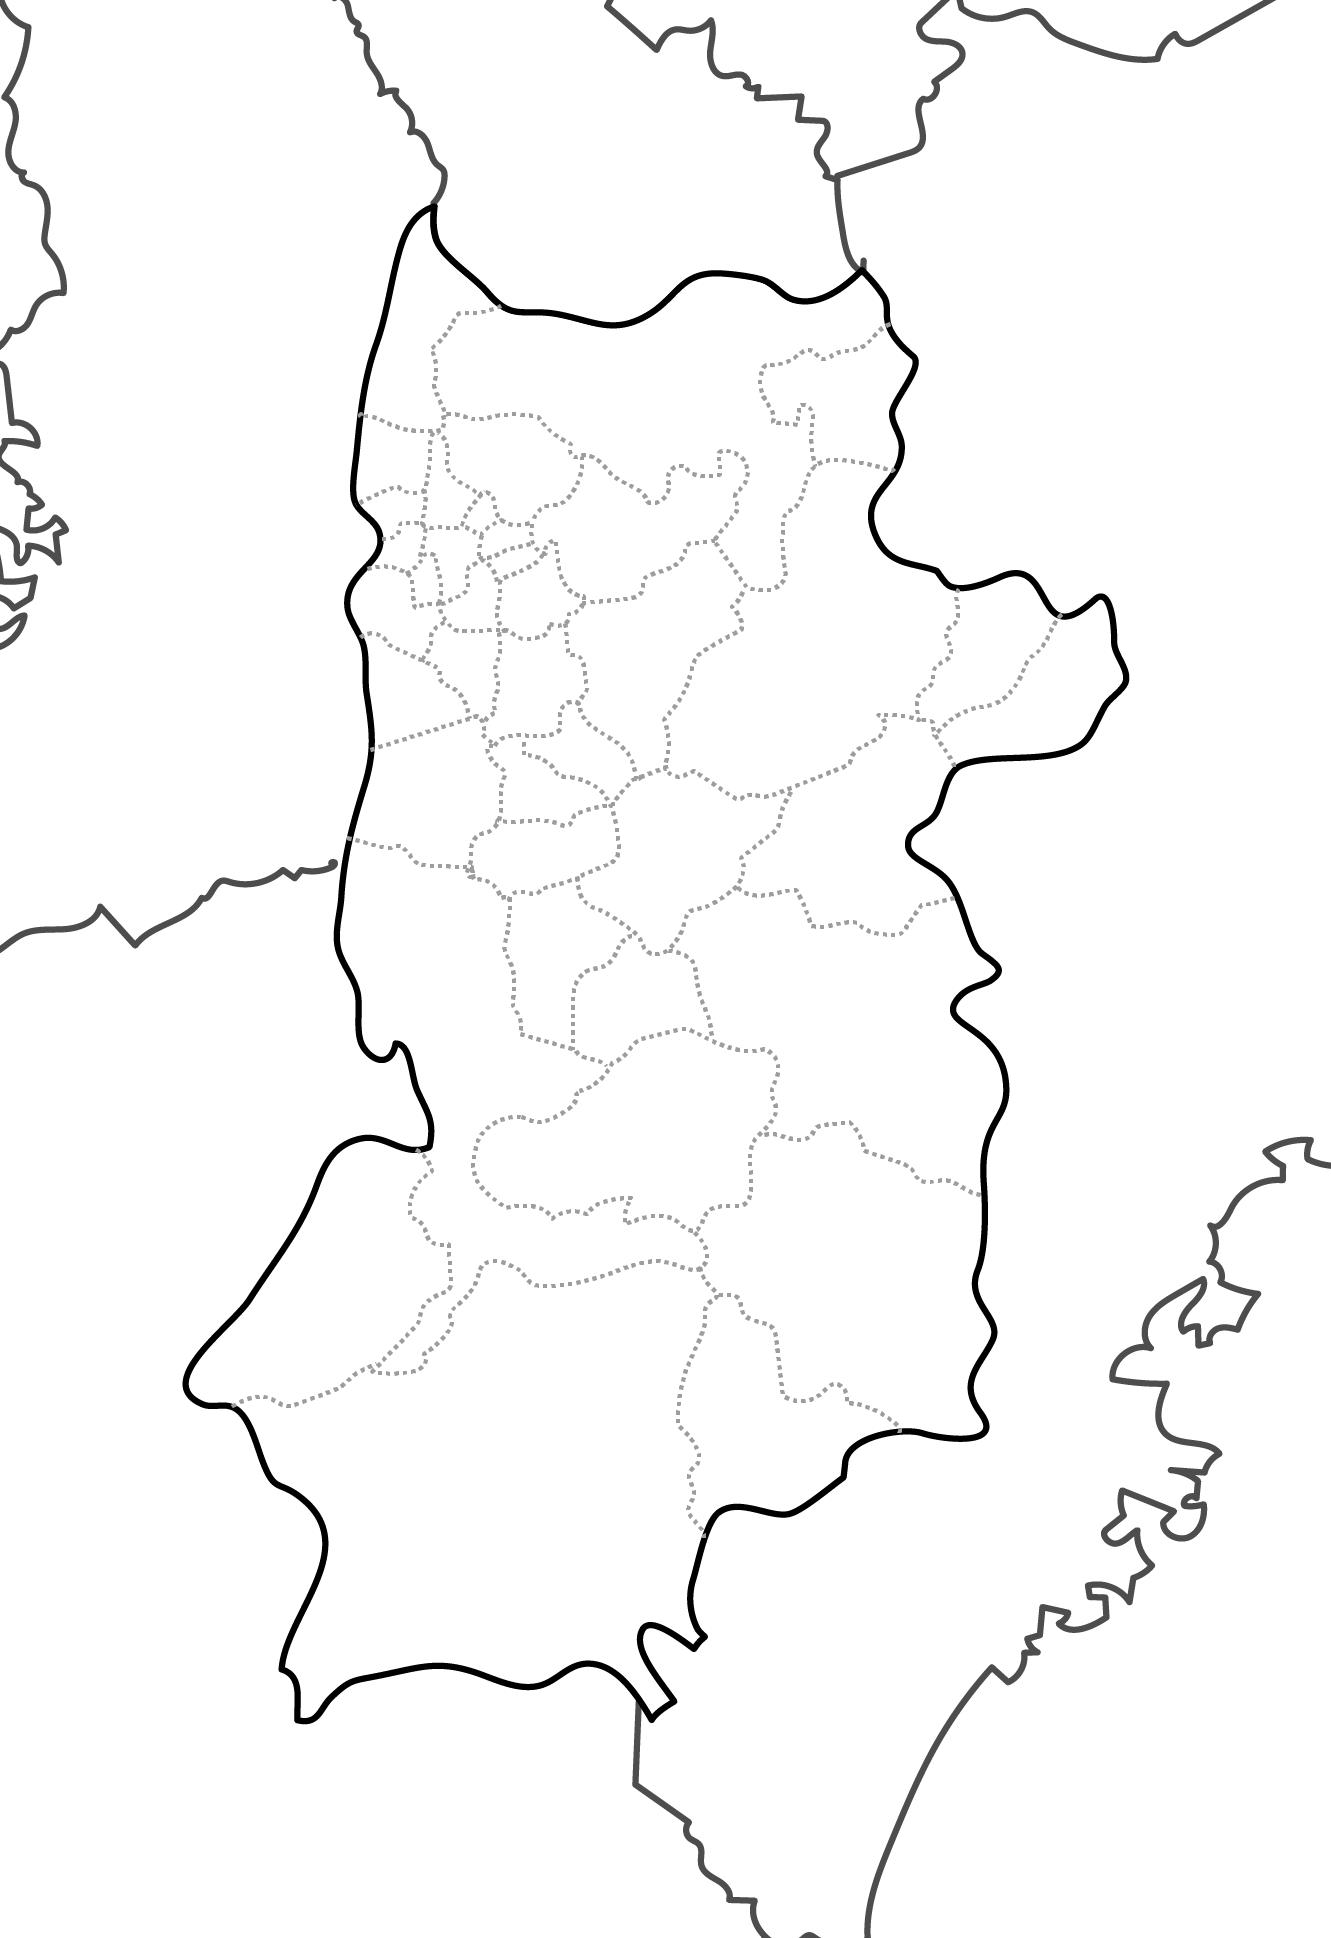 [白地図]奈良県・ラインあり・市区町村名なし・隣県なし